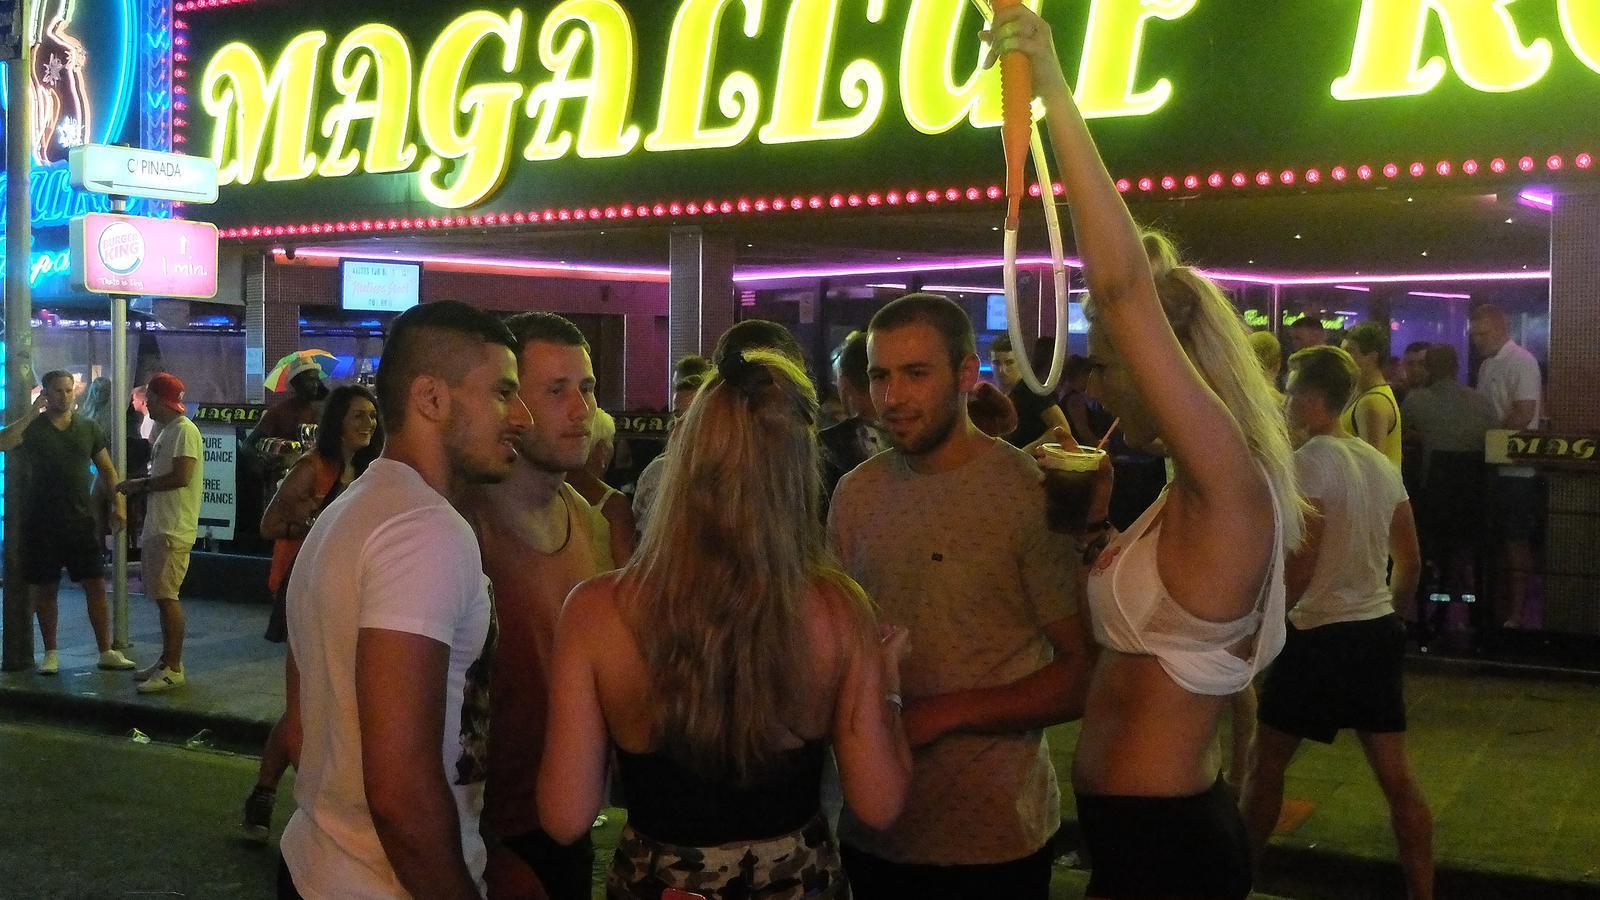 La Policia prohibeix una ruta d'alcohol amb 90 britànics aMagaluf